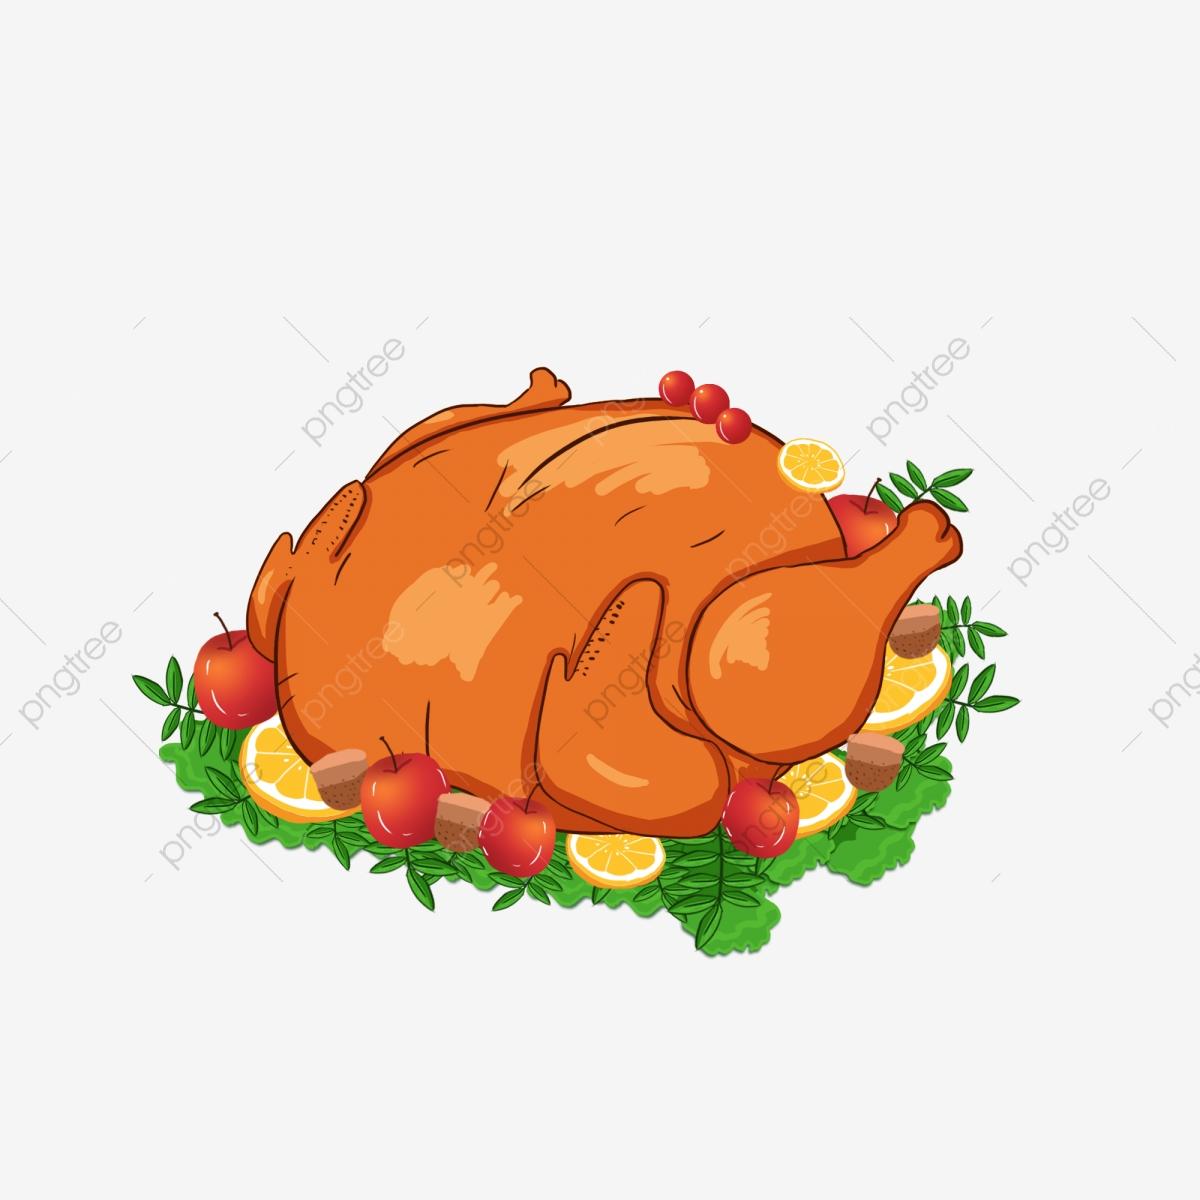 Feast clipart roast chicken. Hand drawn thanksgiving turkey